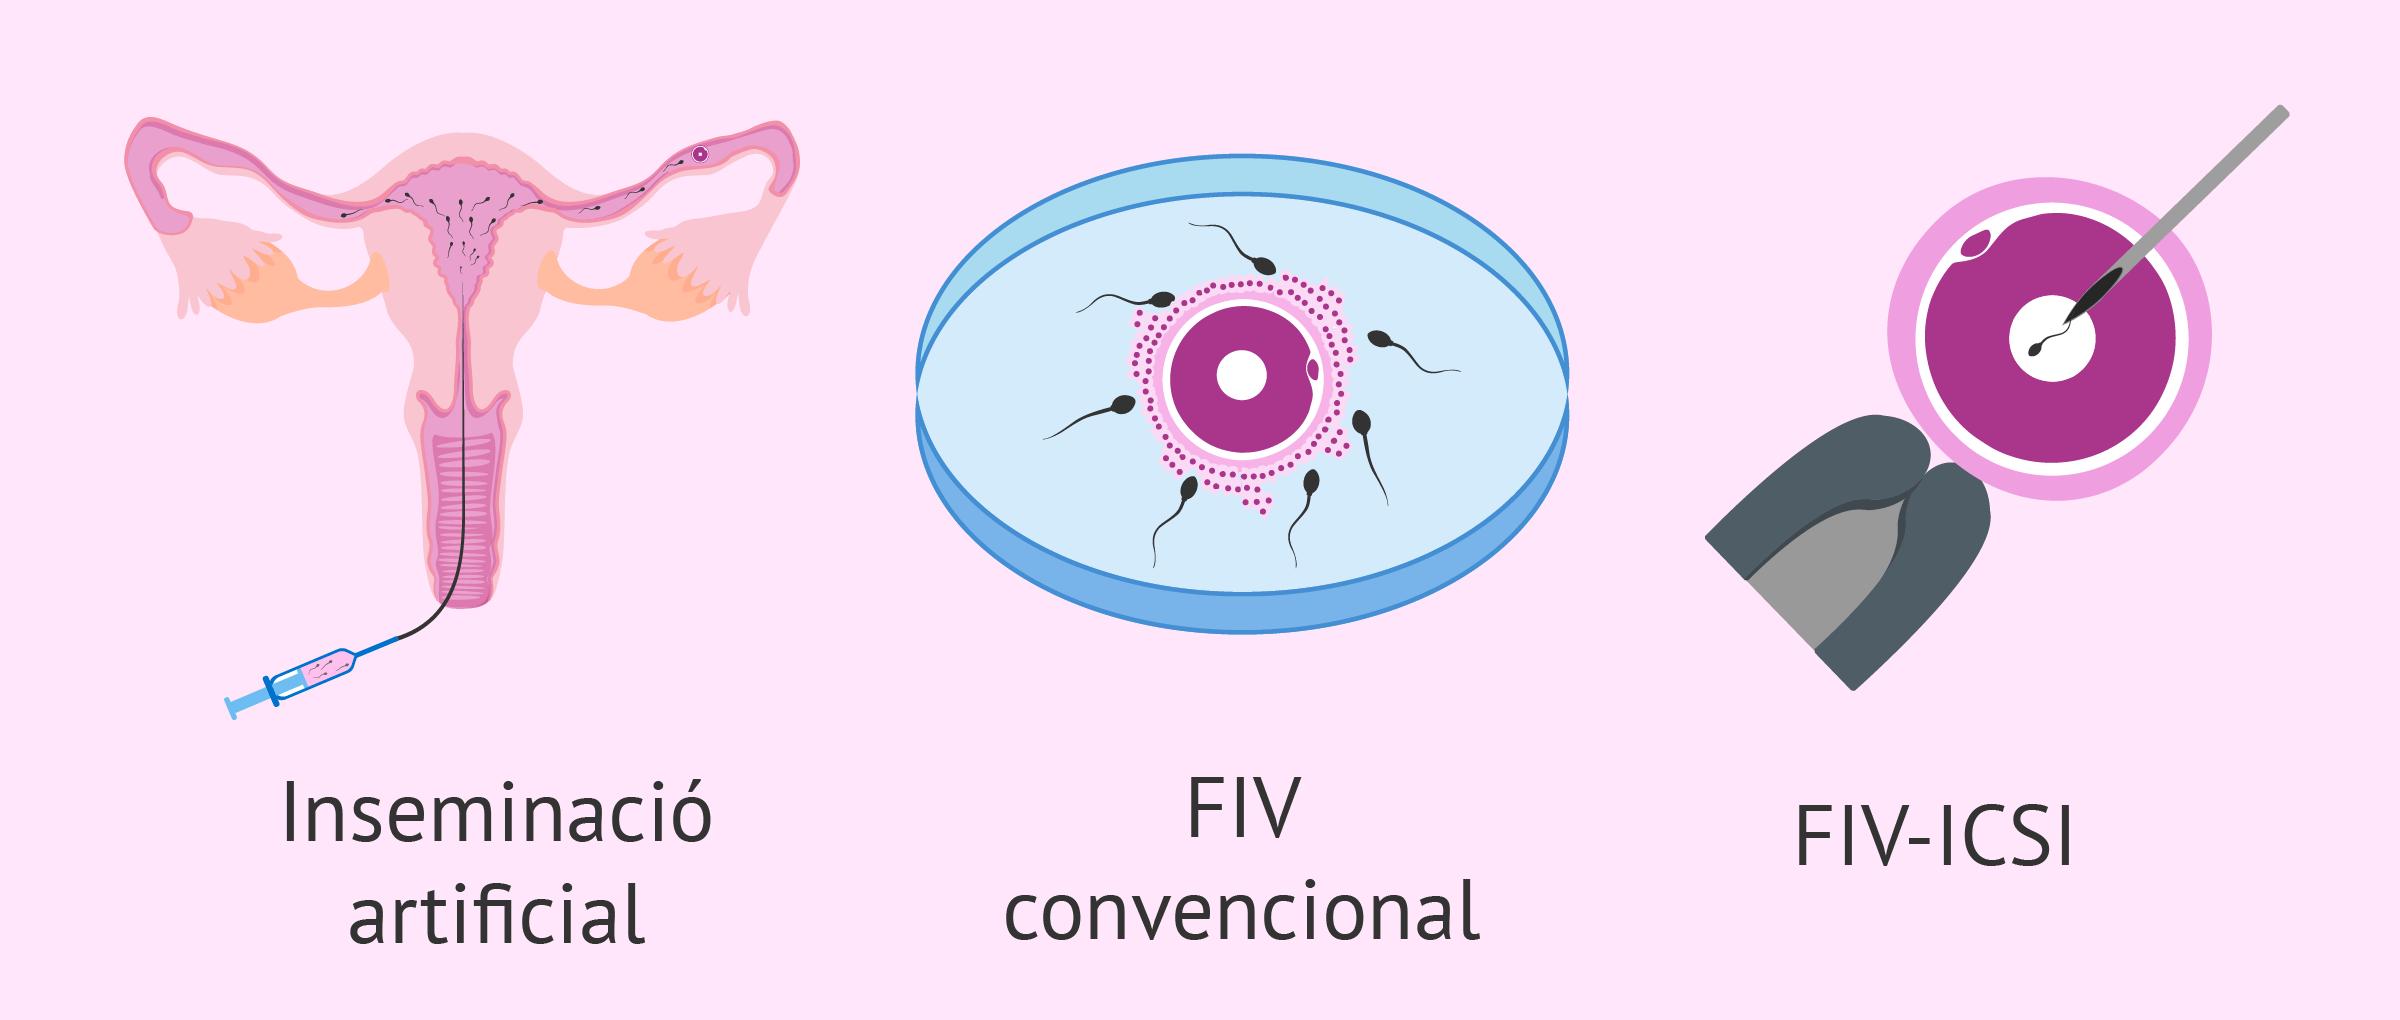 Les tècniques de reproducció assistida